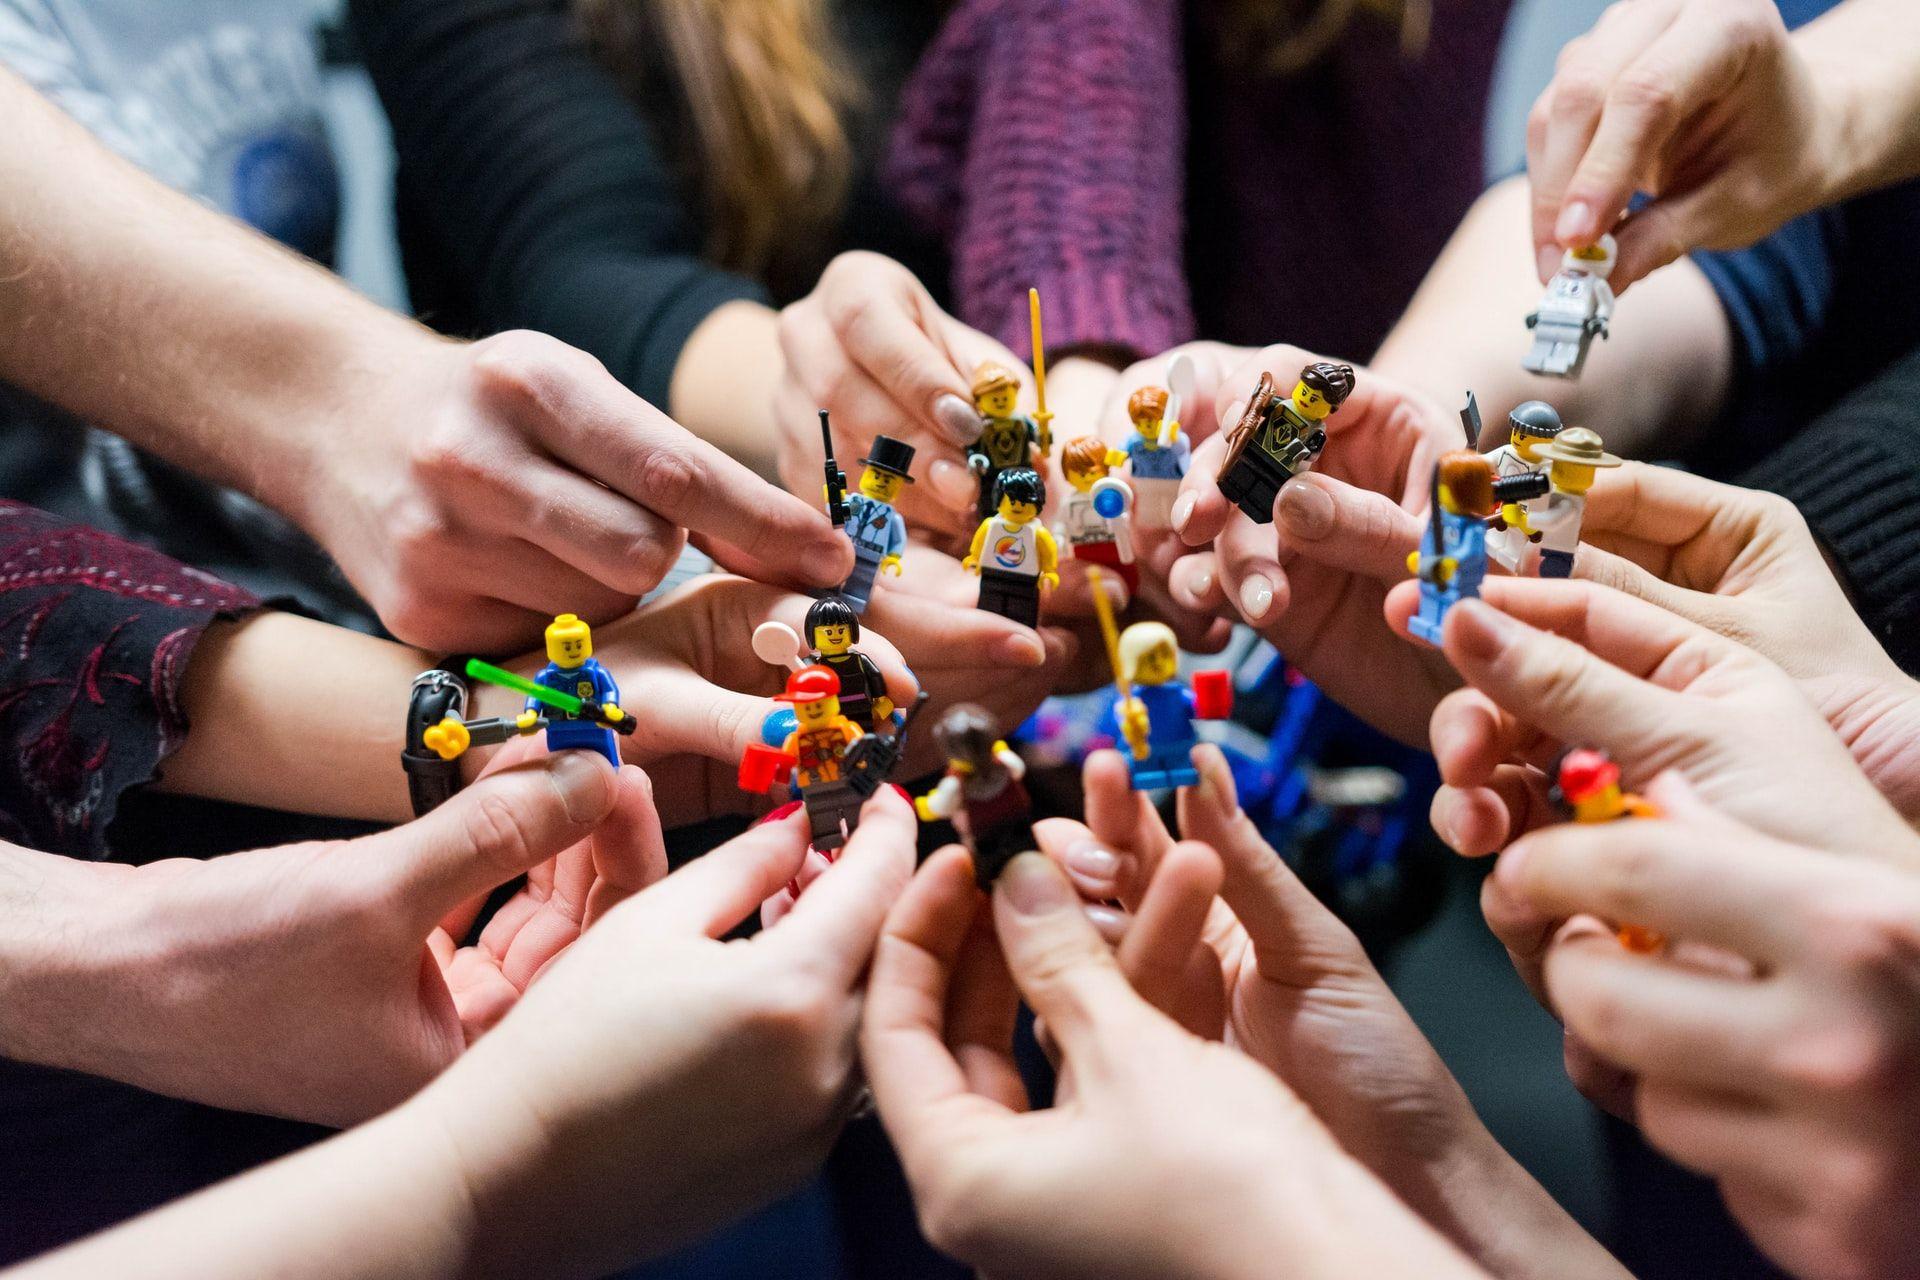 ryhmä ihmisiä pitelee ringissä lego-hahmoja